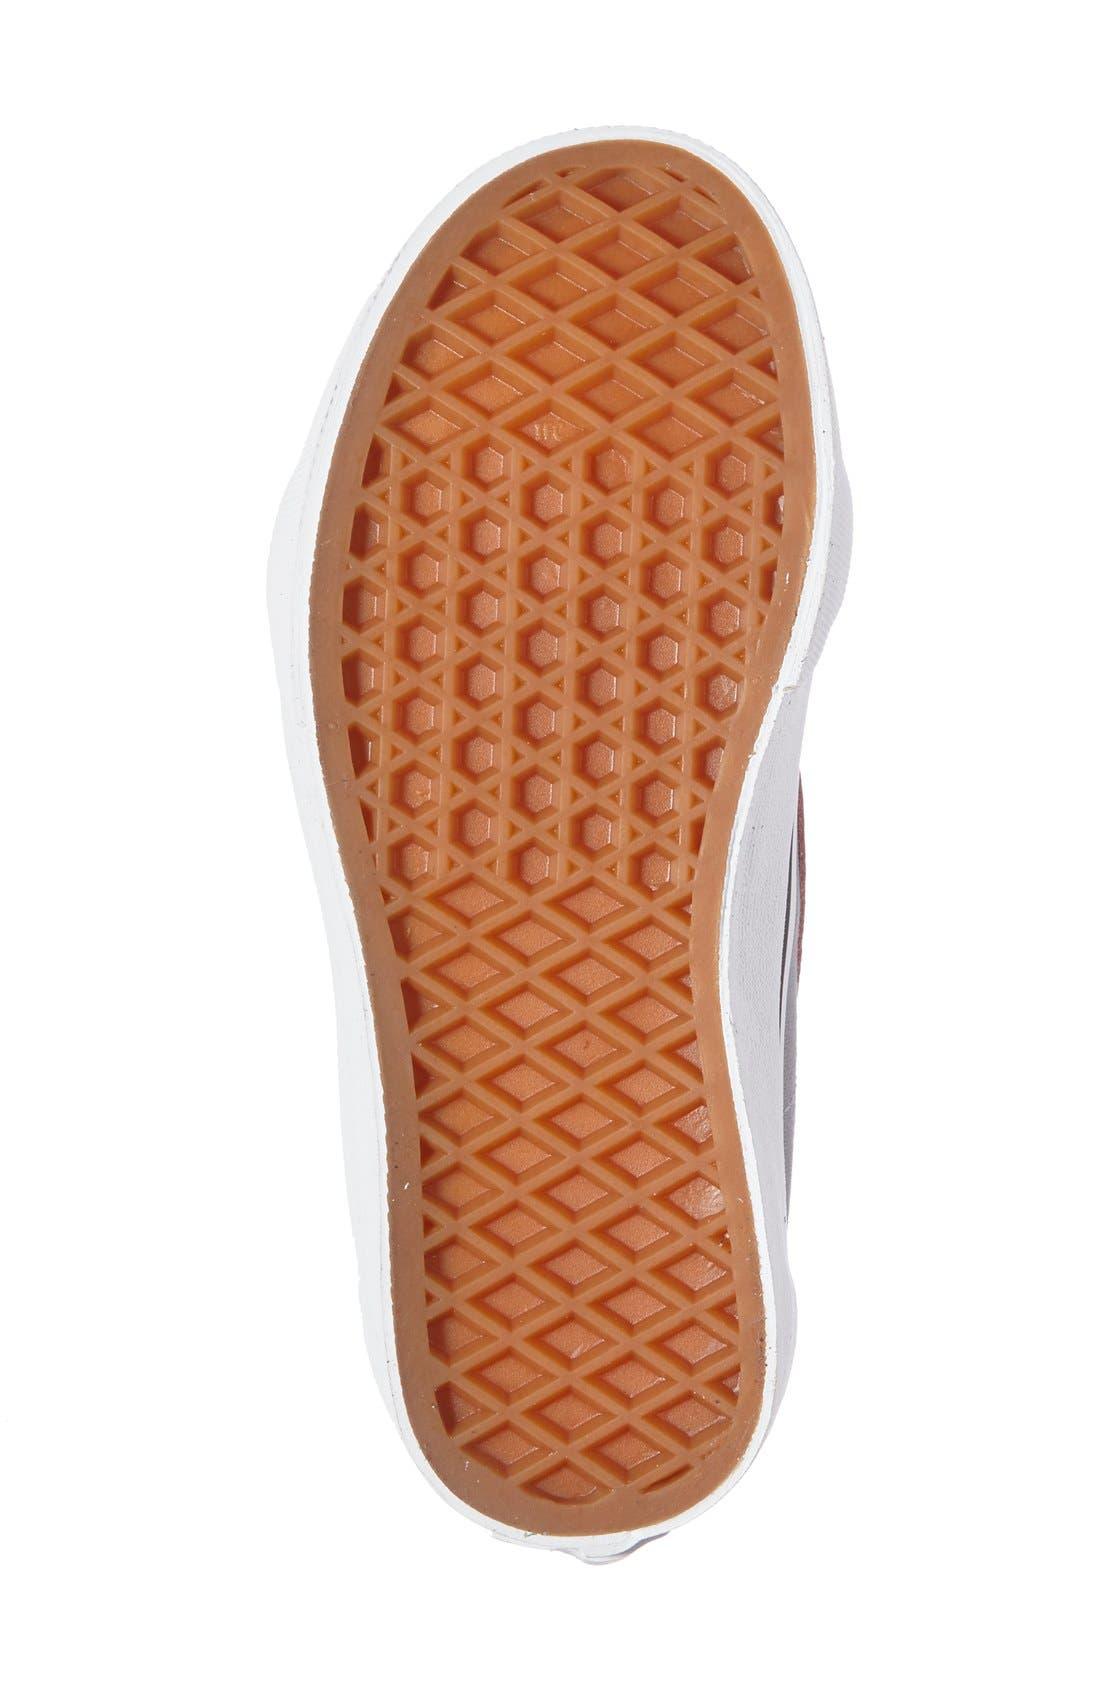 SK8-Hi Zip Pop Sneaker,                             Alternate thumbnail 4, color,                             Parisian Night/ Racing Red